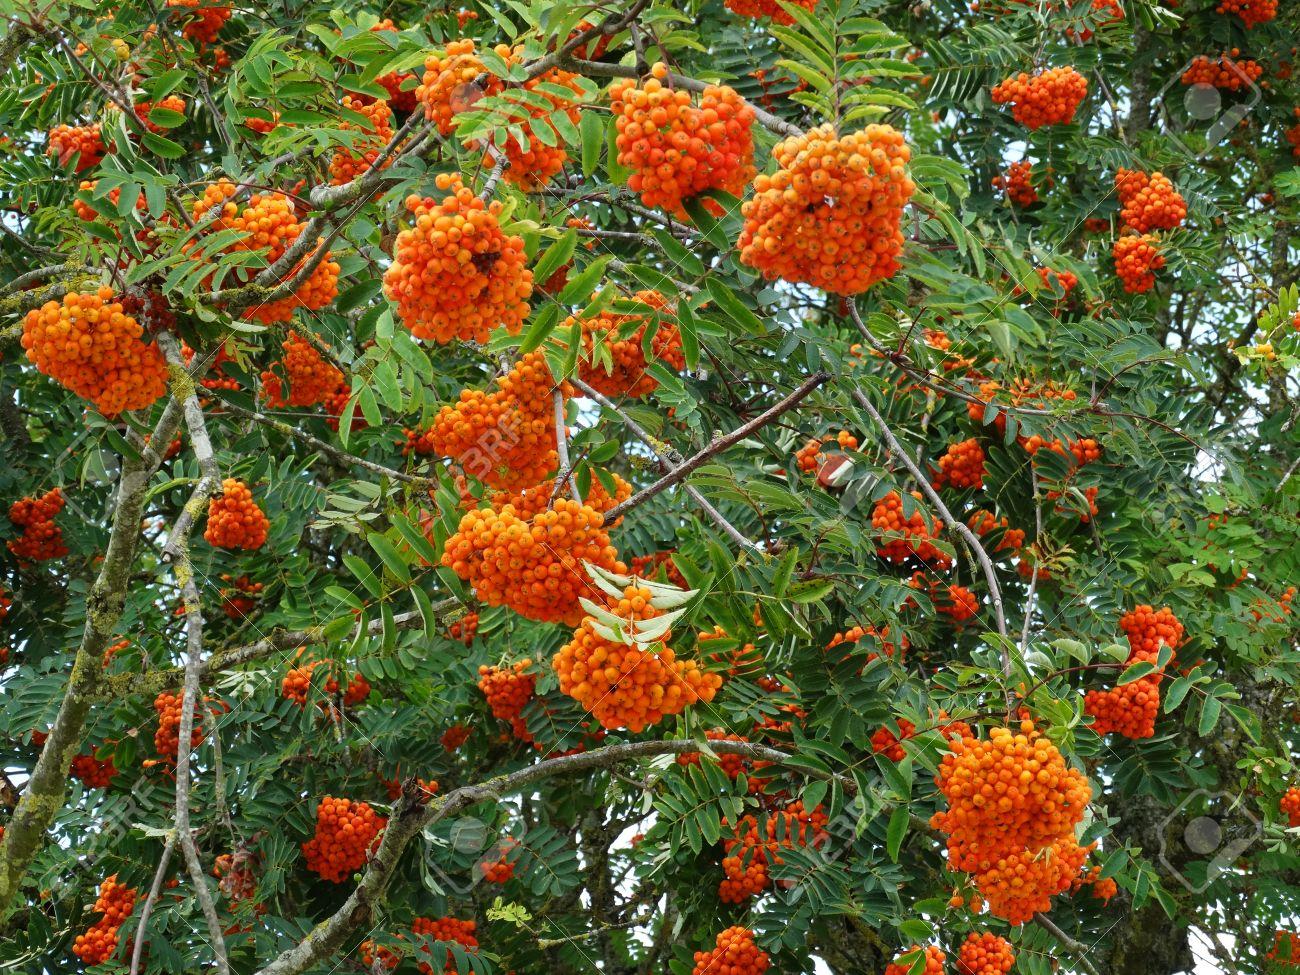 Clusters Of Orange Berries Of A Rowan Tree The Sorbus Aucuparia